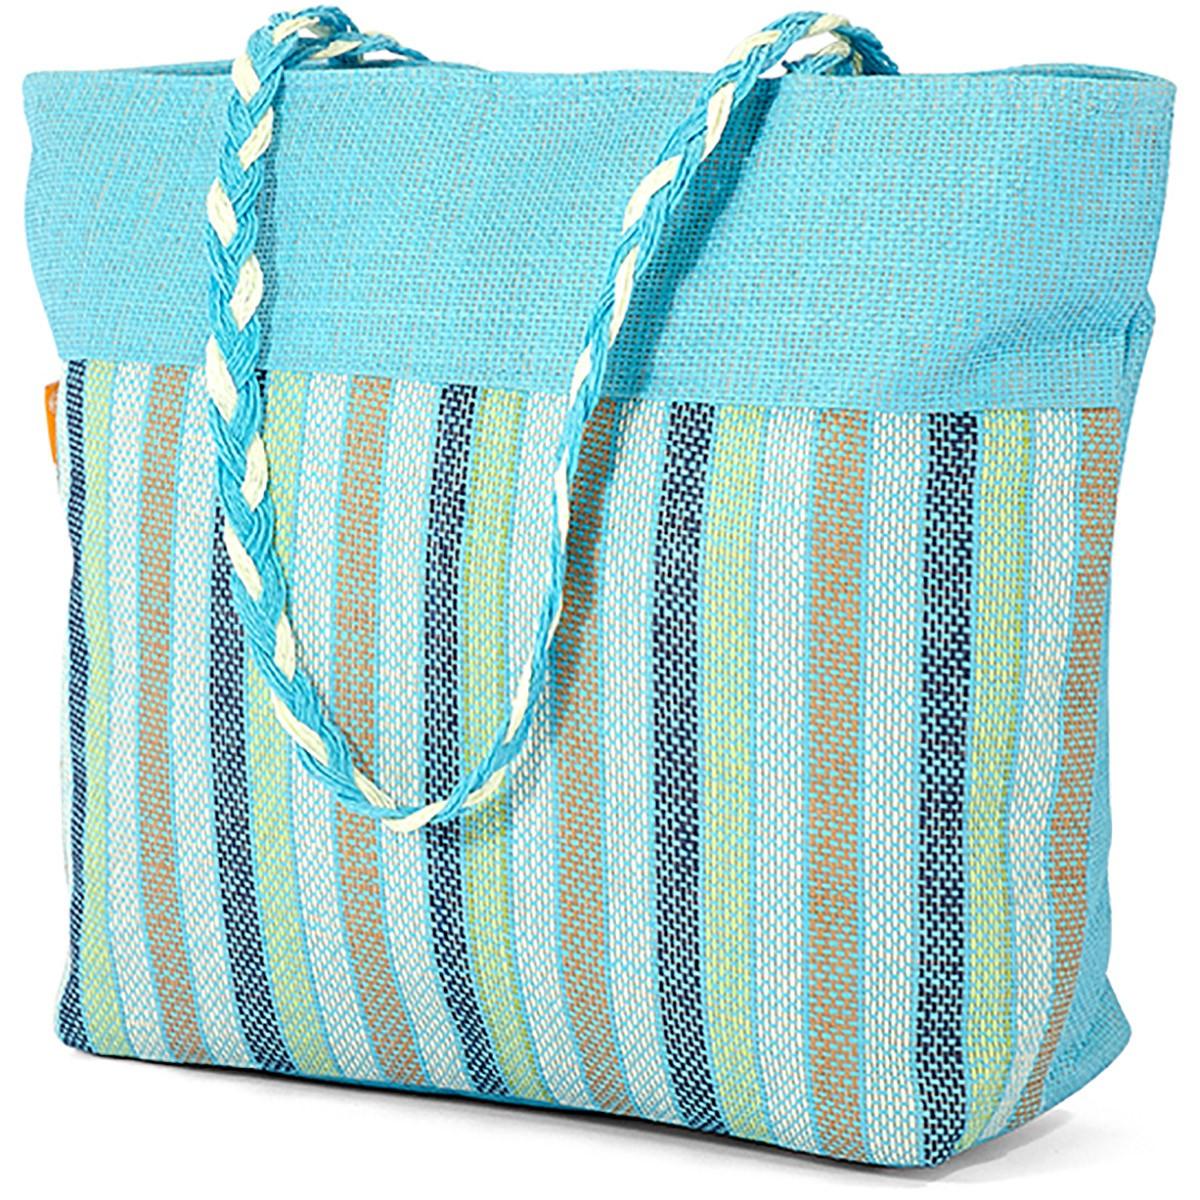 Ψάθινη Τσάντα Παραλίας Benzi 5070 Col2 home   θαλάσσης   τσάντες θαλάσσης